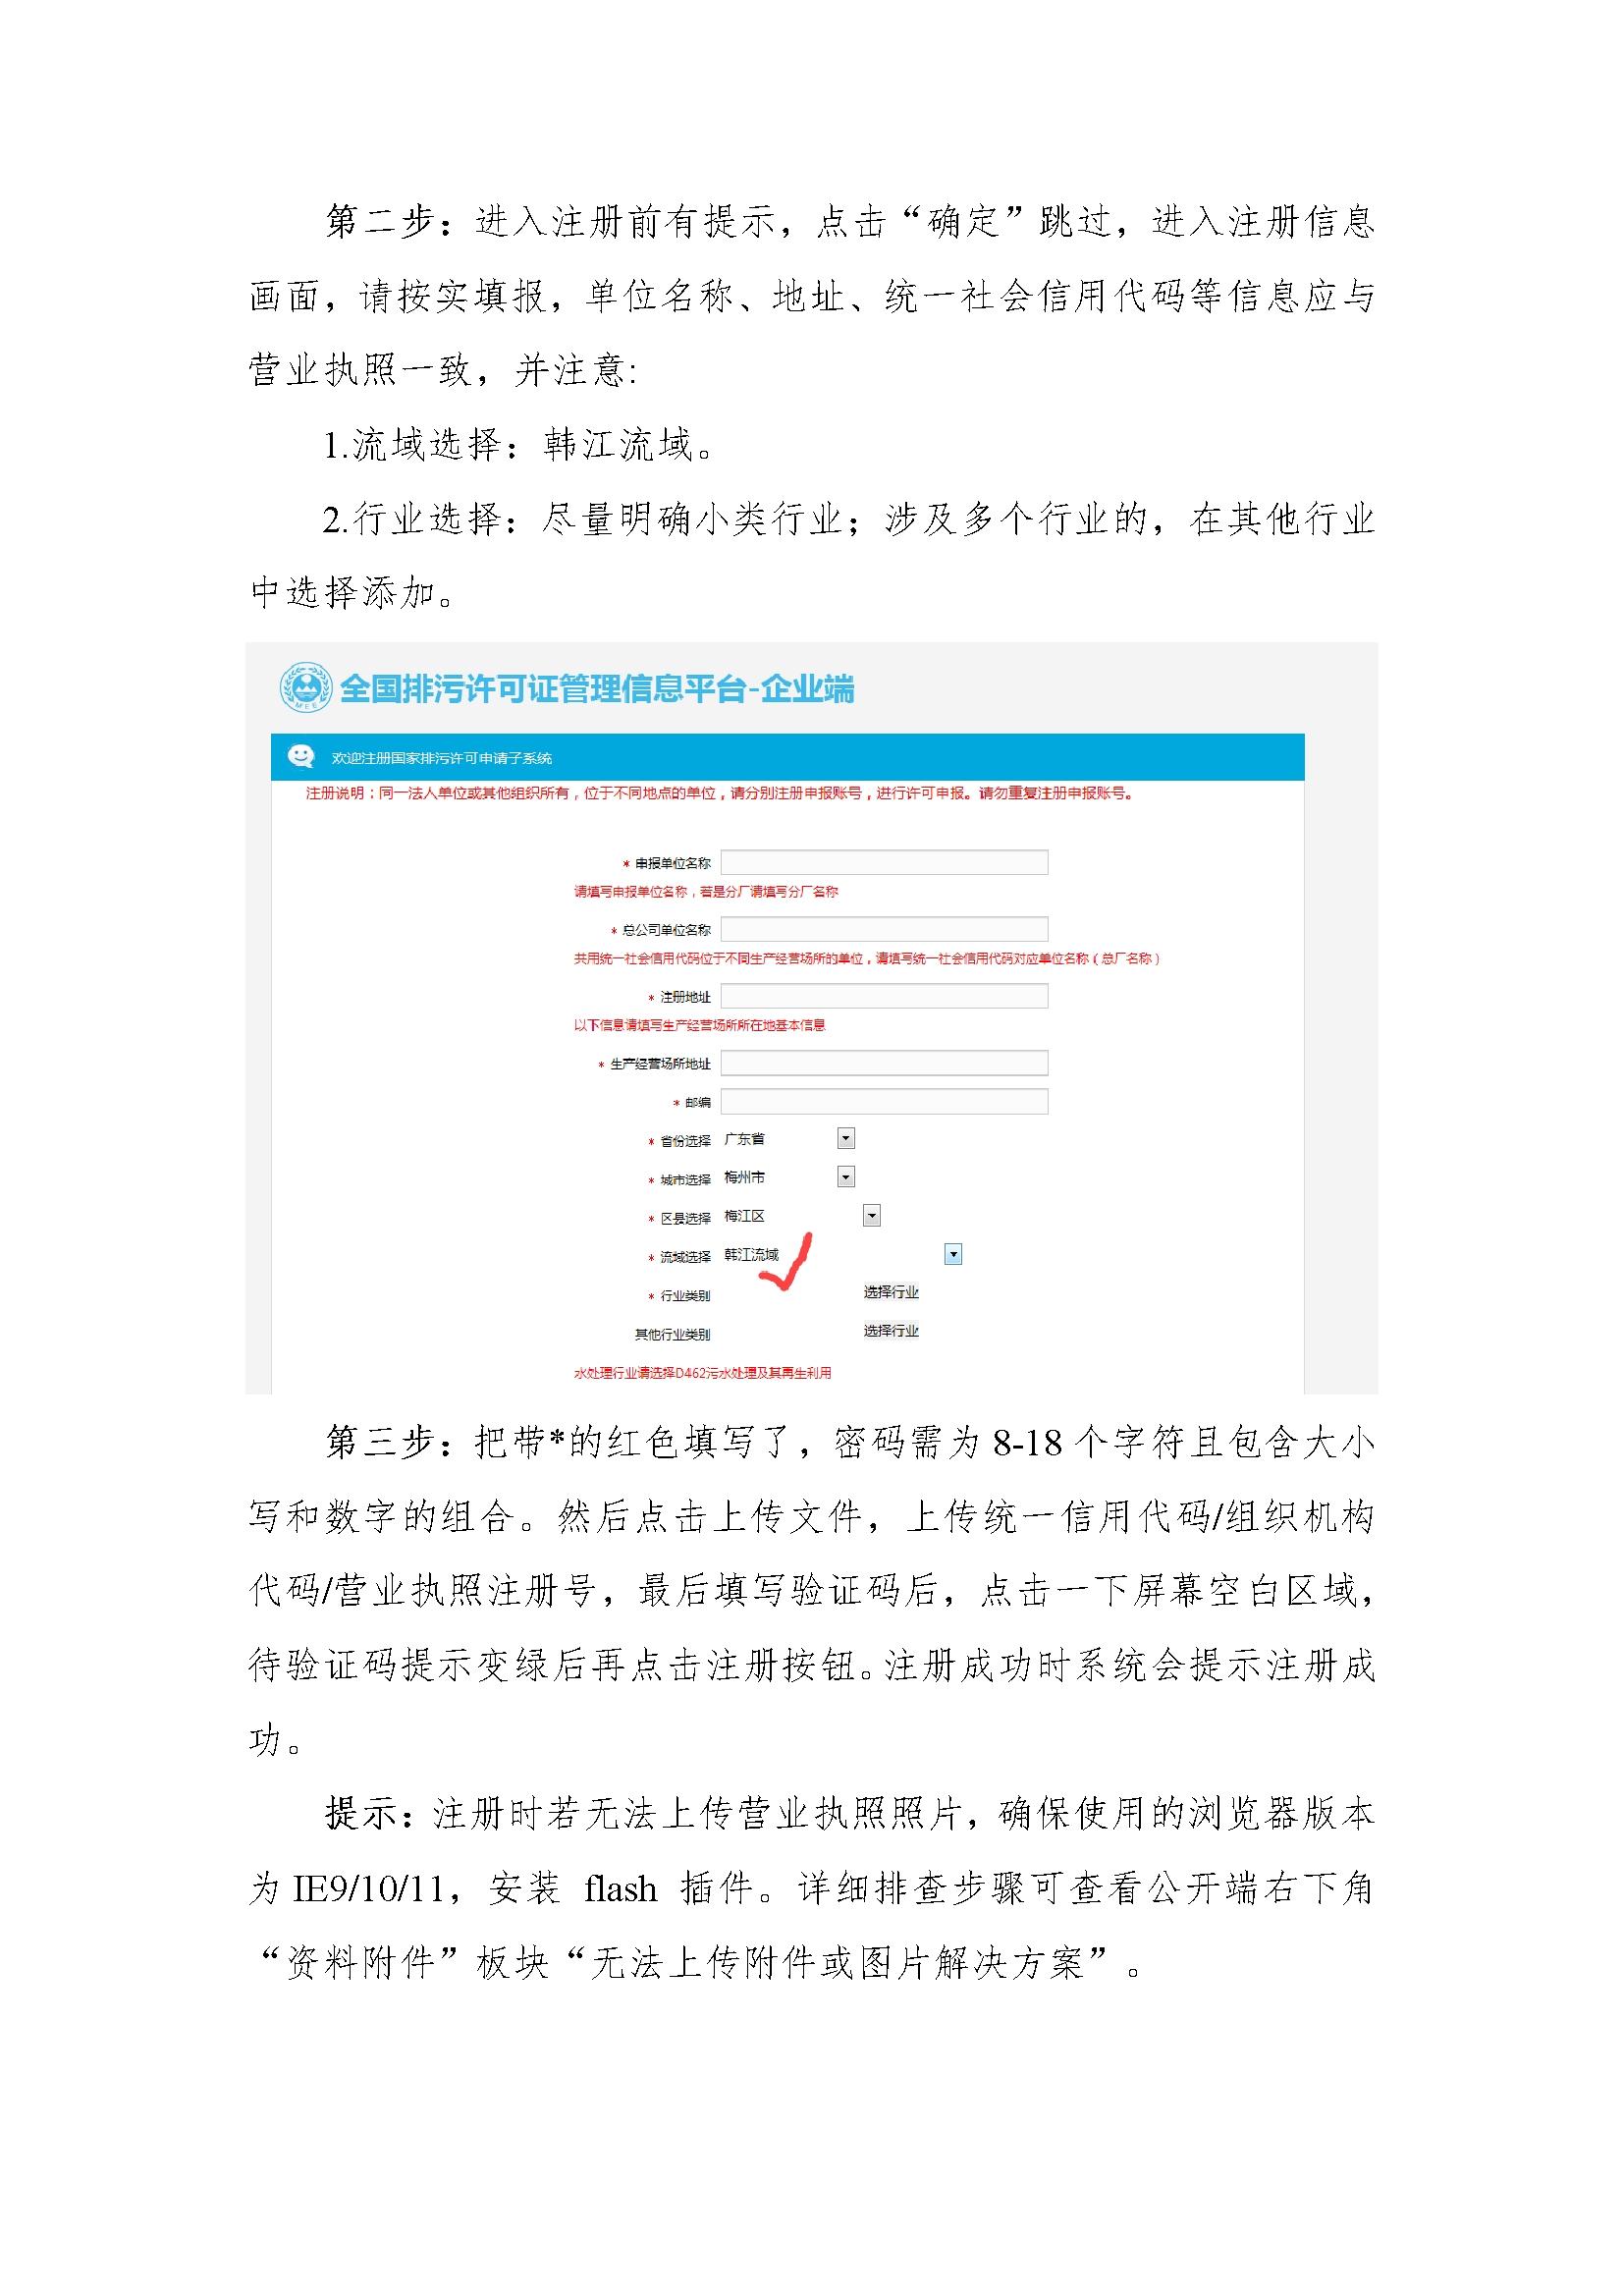 5梅县区固定污染源排污登记工作填报指南.jpg